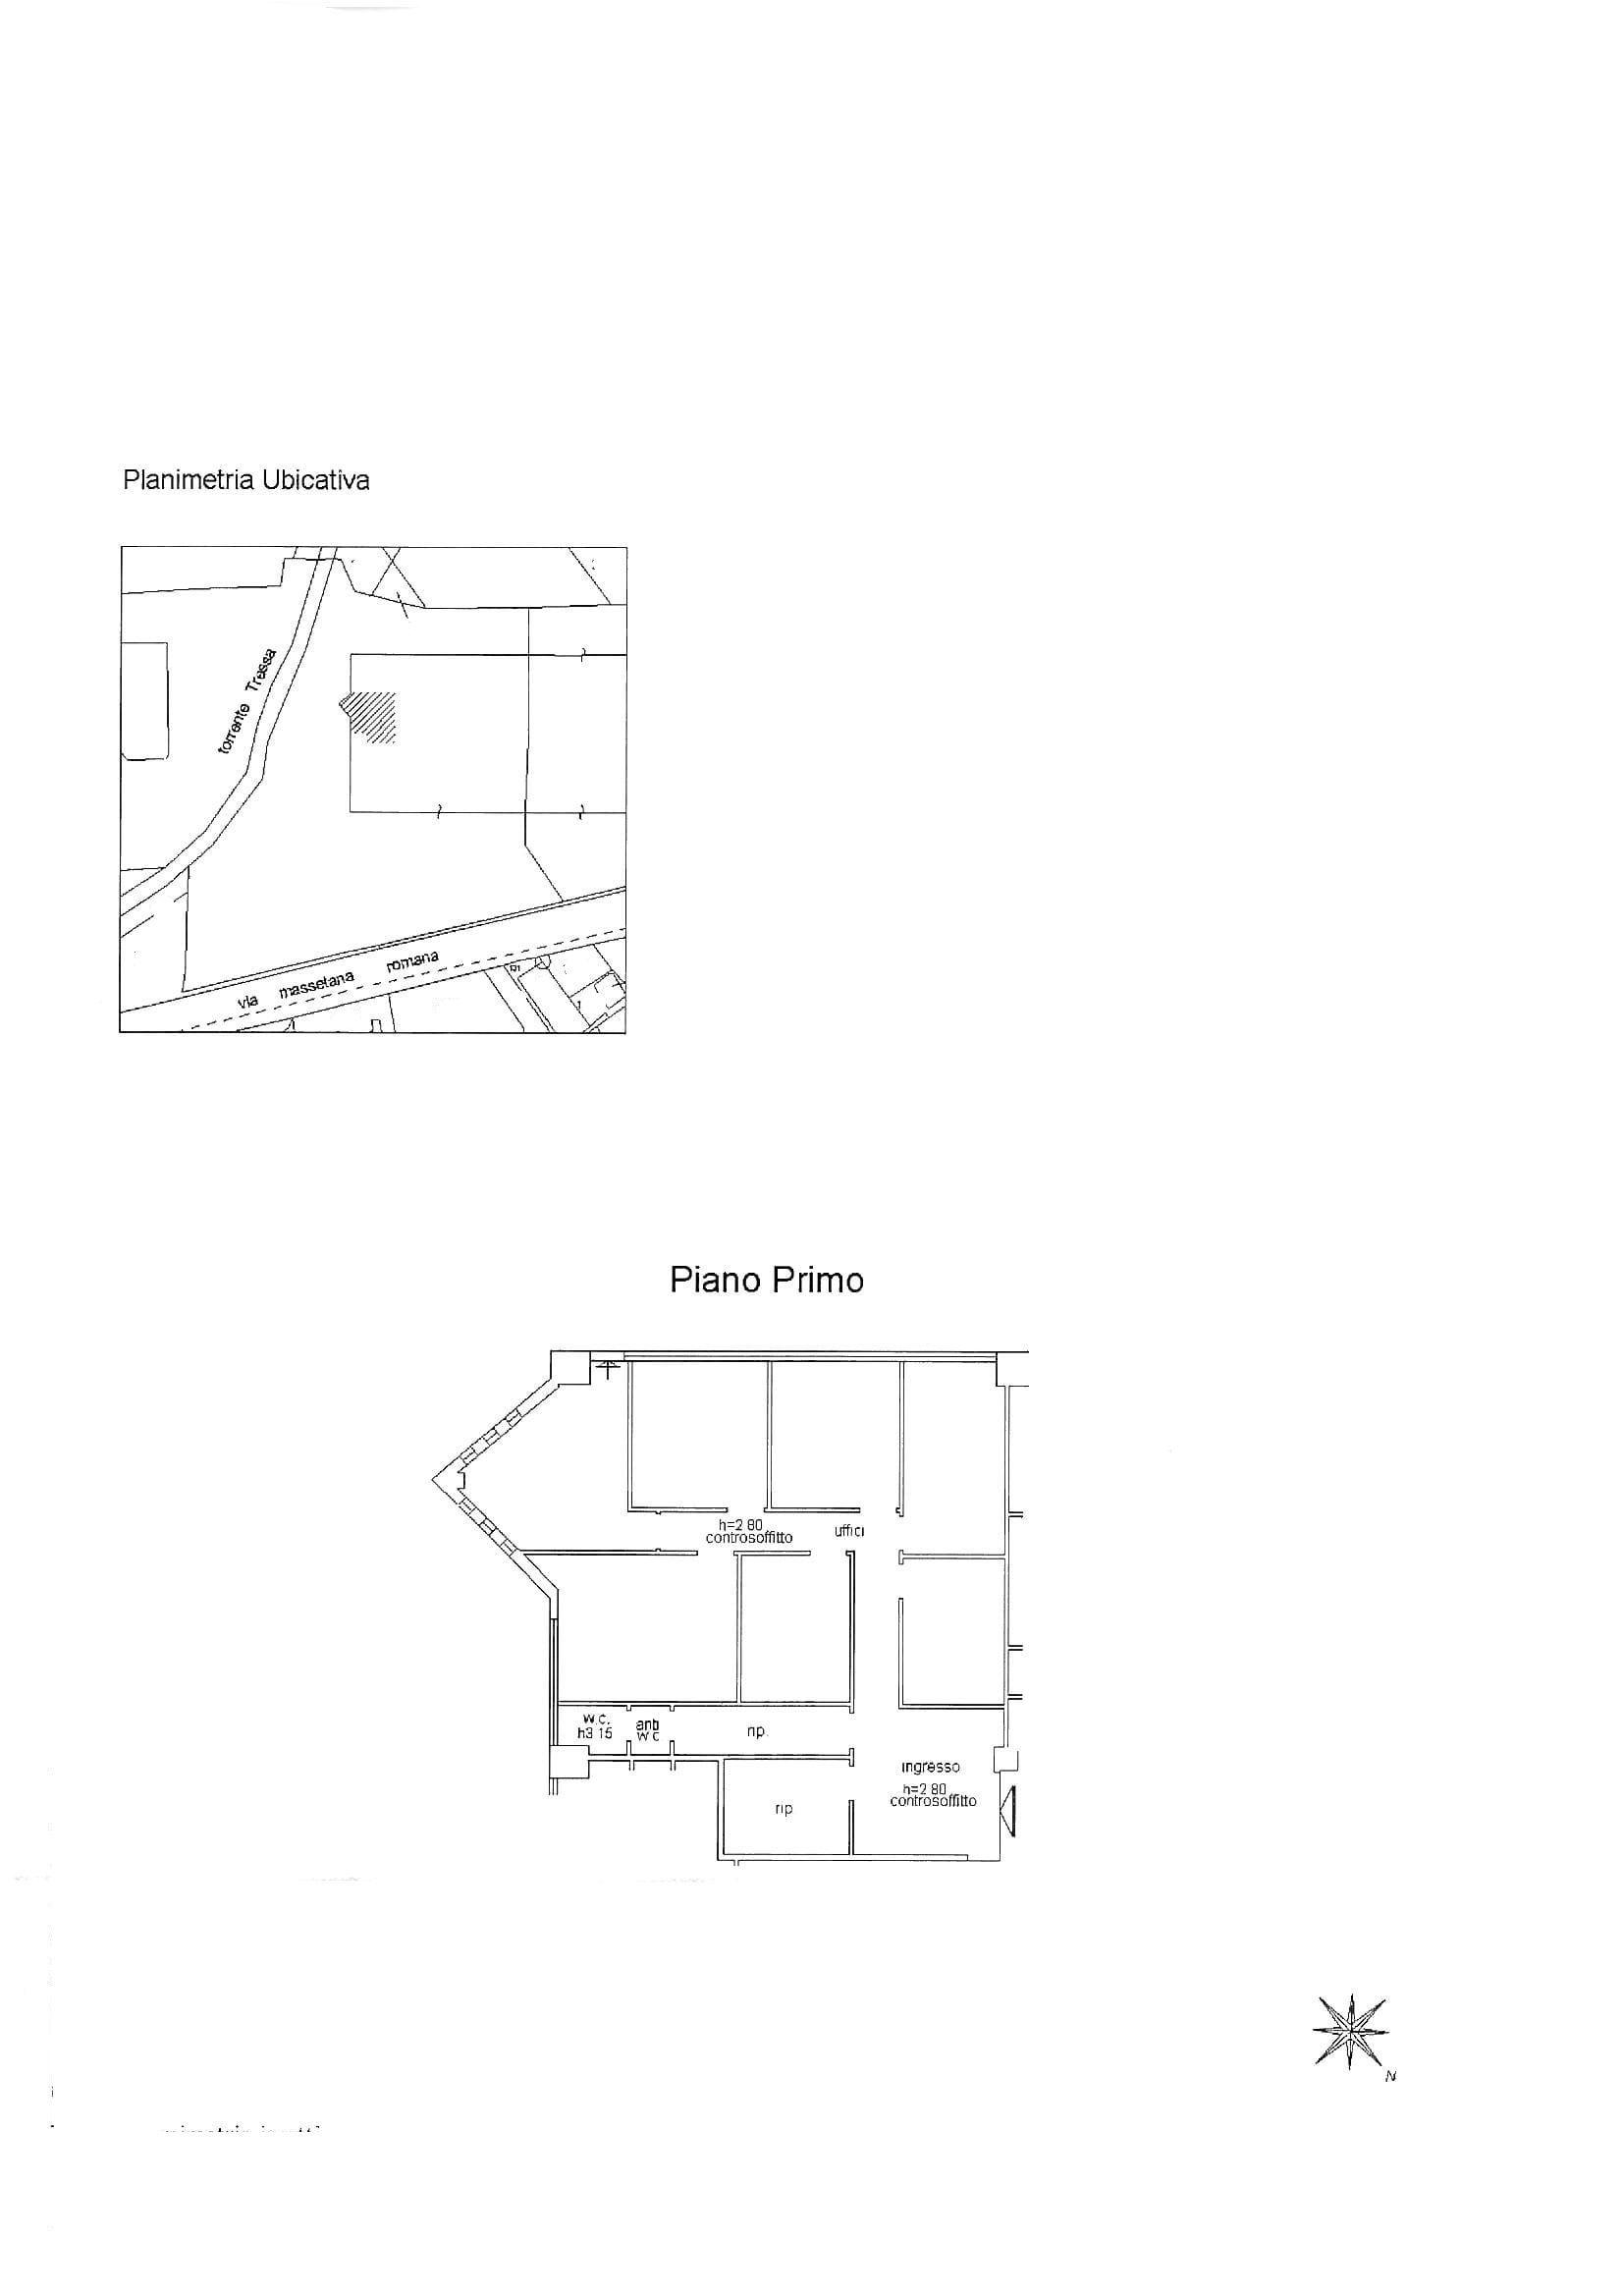 Ufficio in affitto commerciale, rif. C53 (Planimetria 1/1)